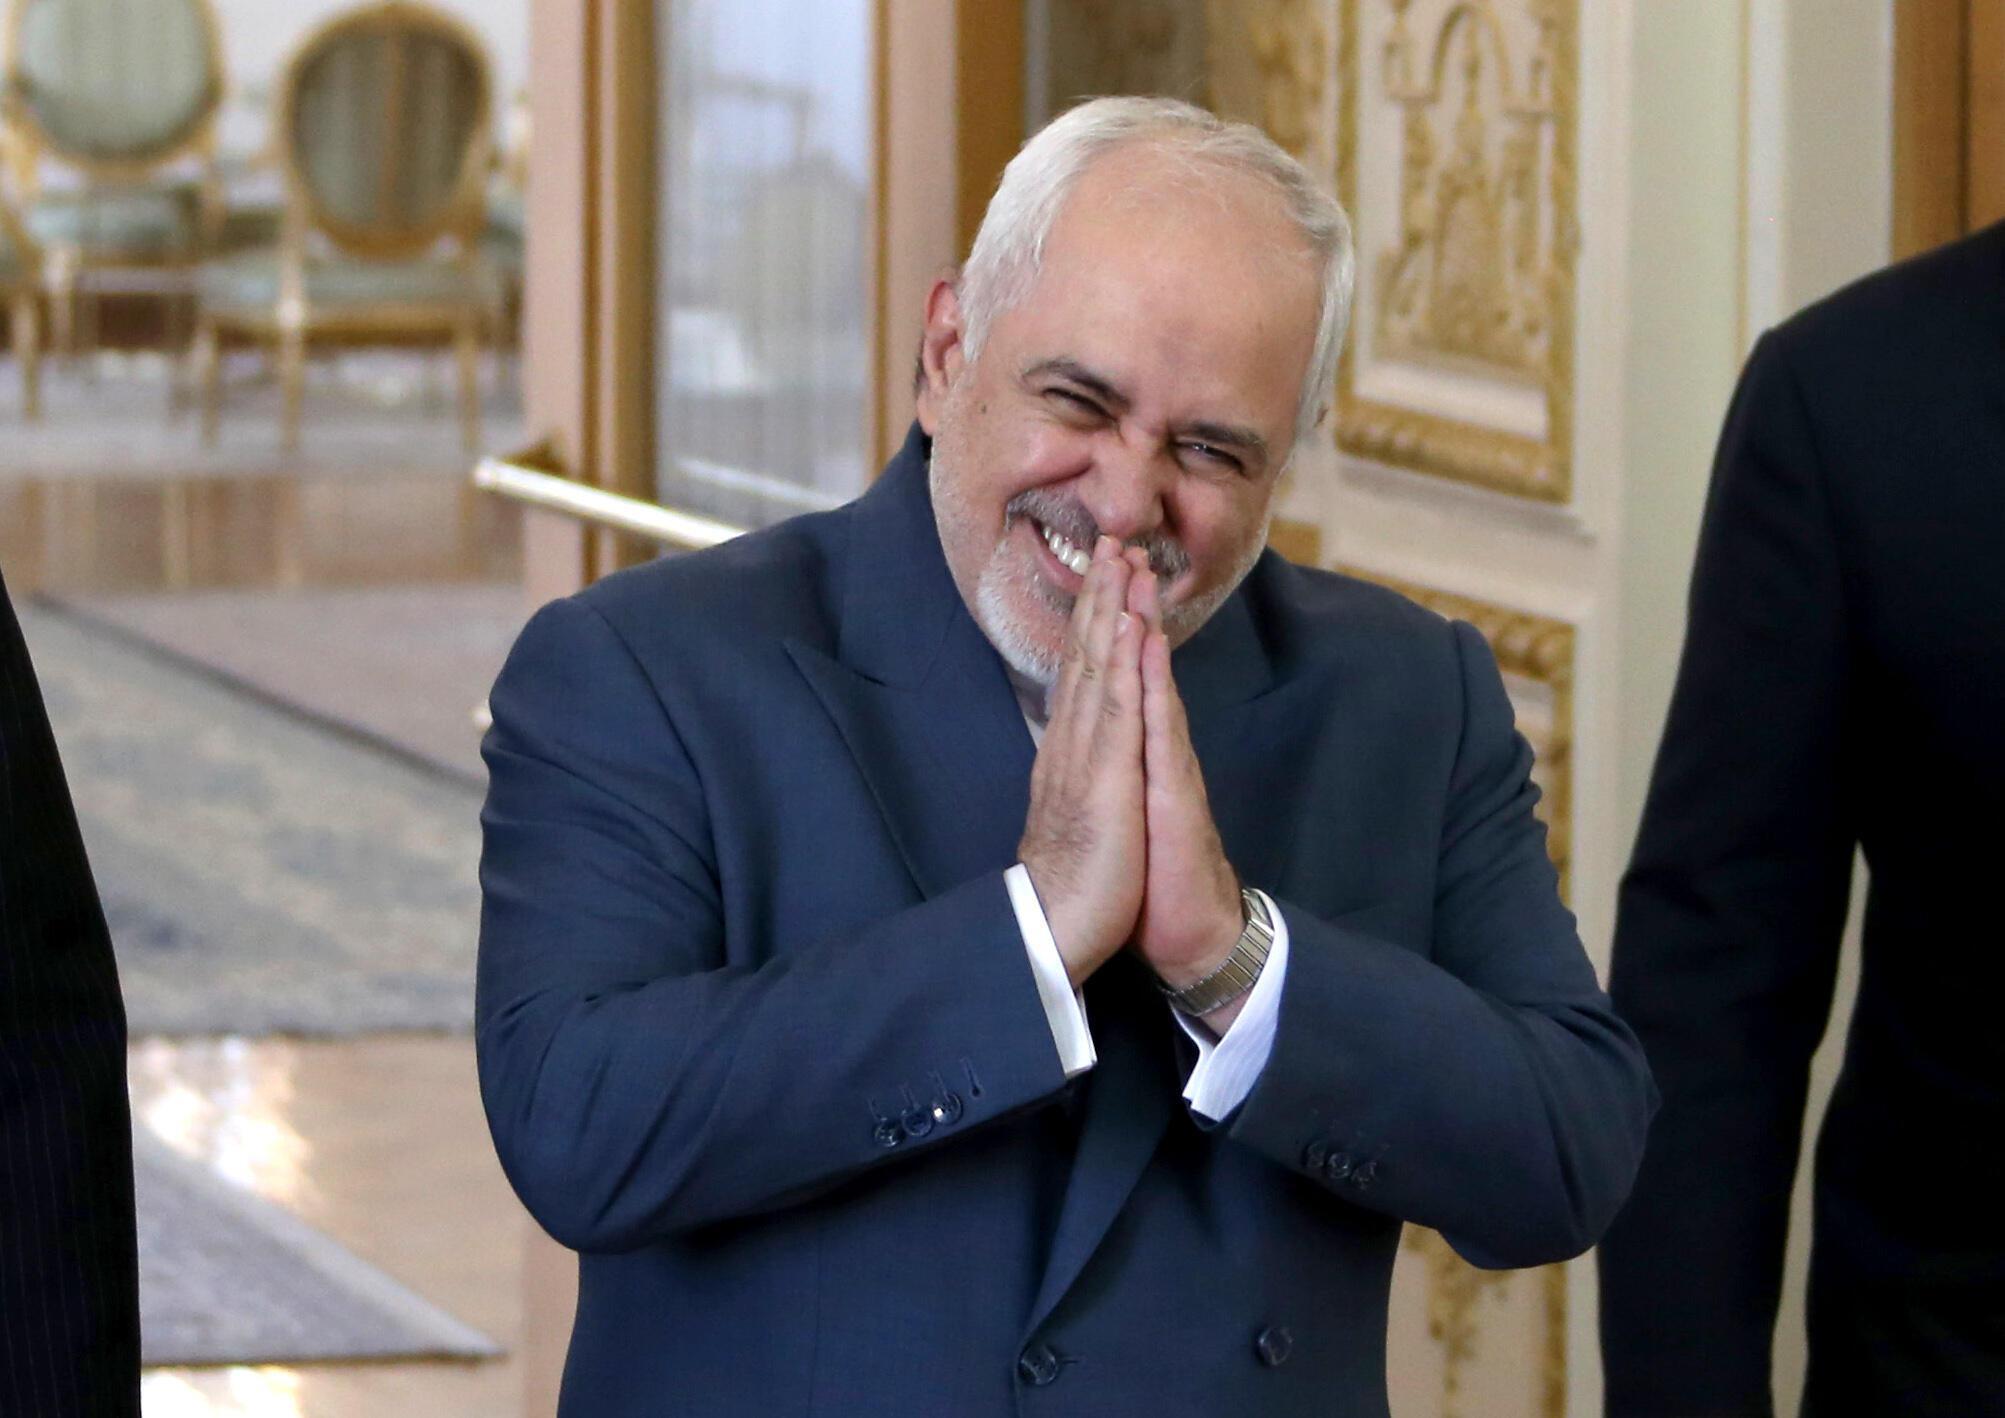 el jefe de la diplomacia iraní Mohammad Javad Zarif hizo el anuncio en su cuenta de Instagram.